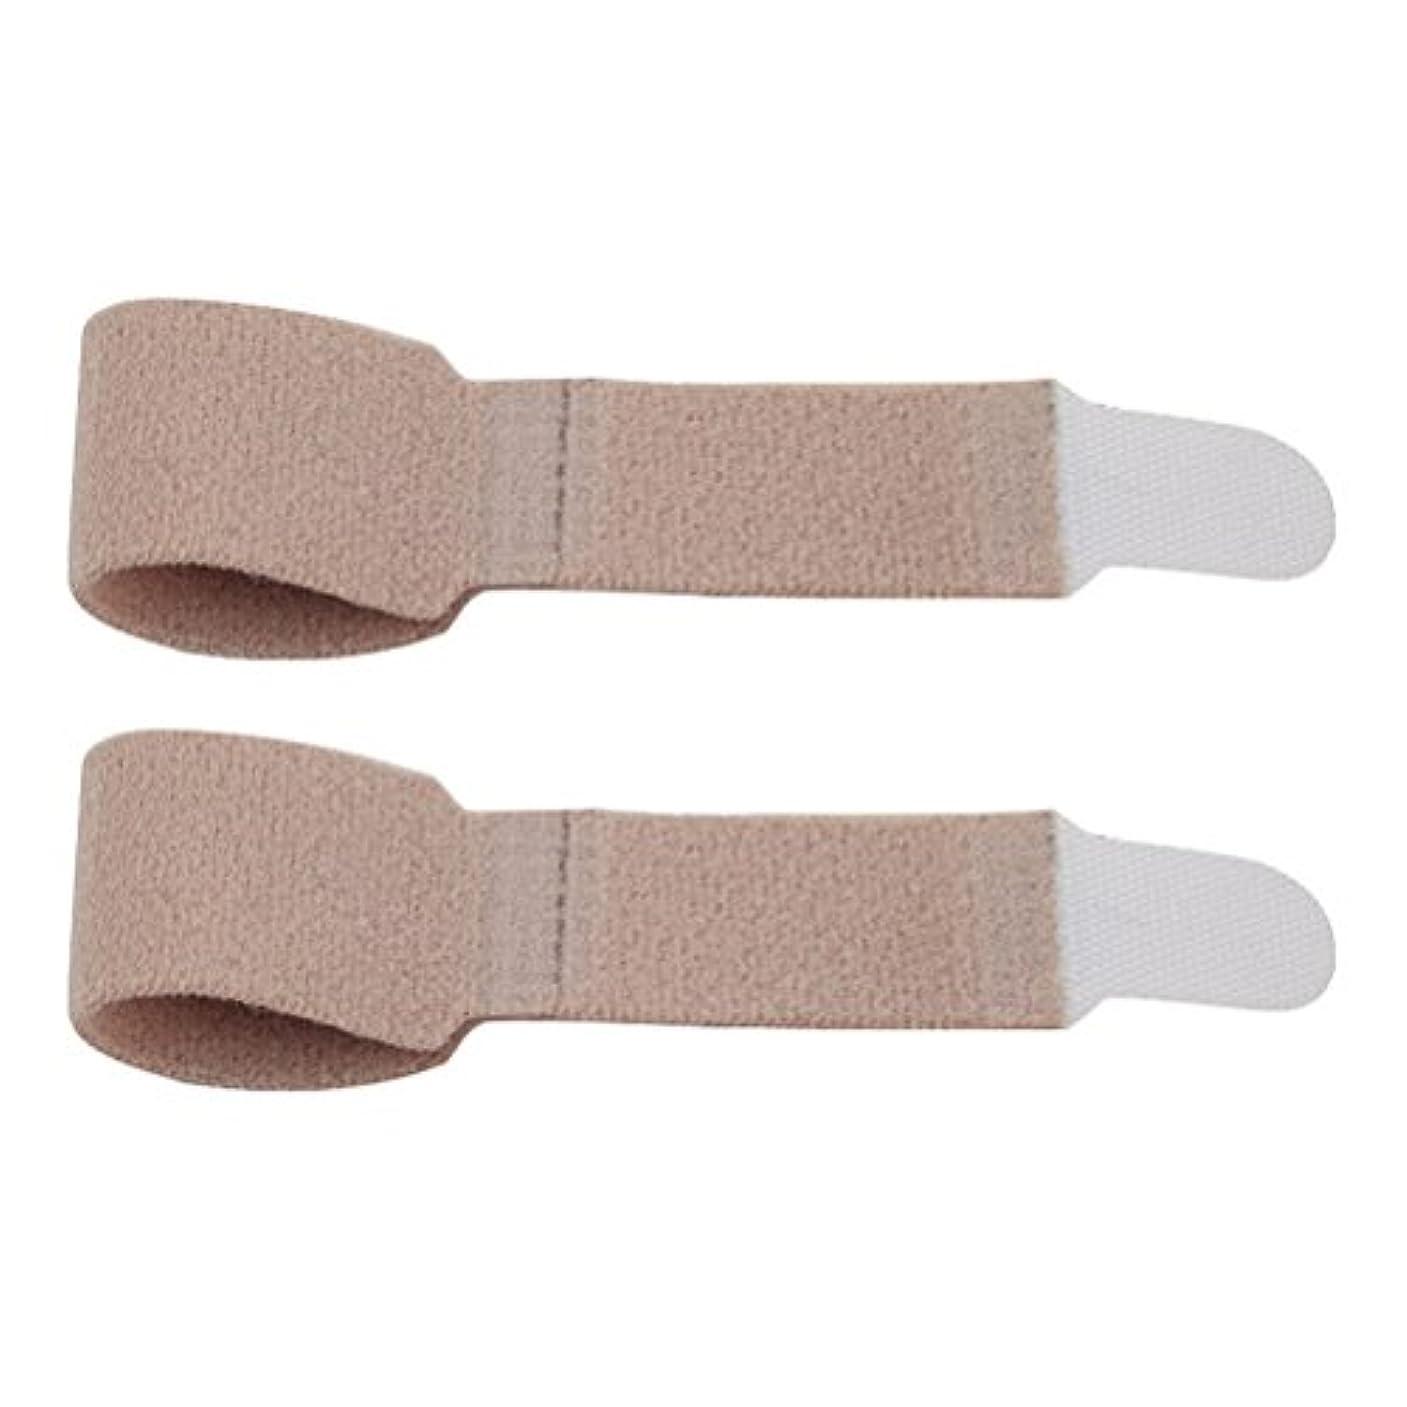 口径均等に居心地の良いHealifty 足指サポーター 足指セパレーター 指兼用 指サポーター 包帯 外反母趾 足指矯正 姿勢補正 浮き指 保護 固定 悪化防止 1ペア